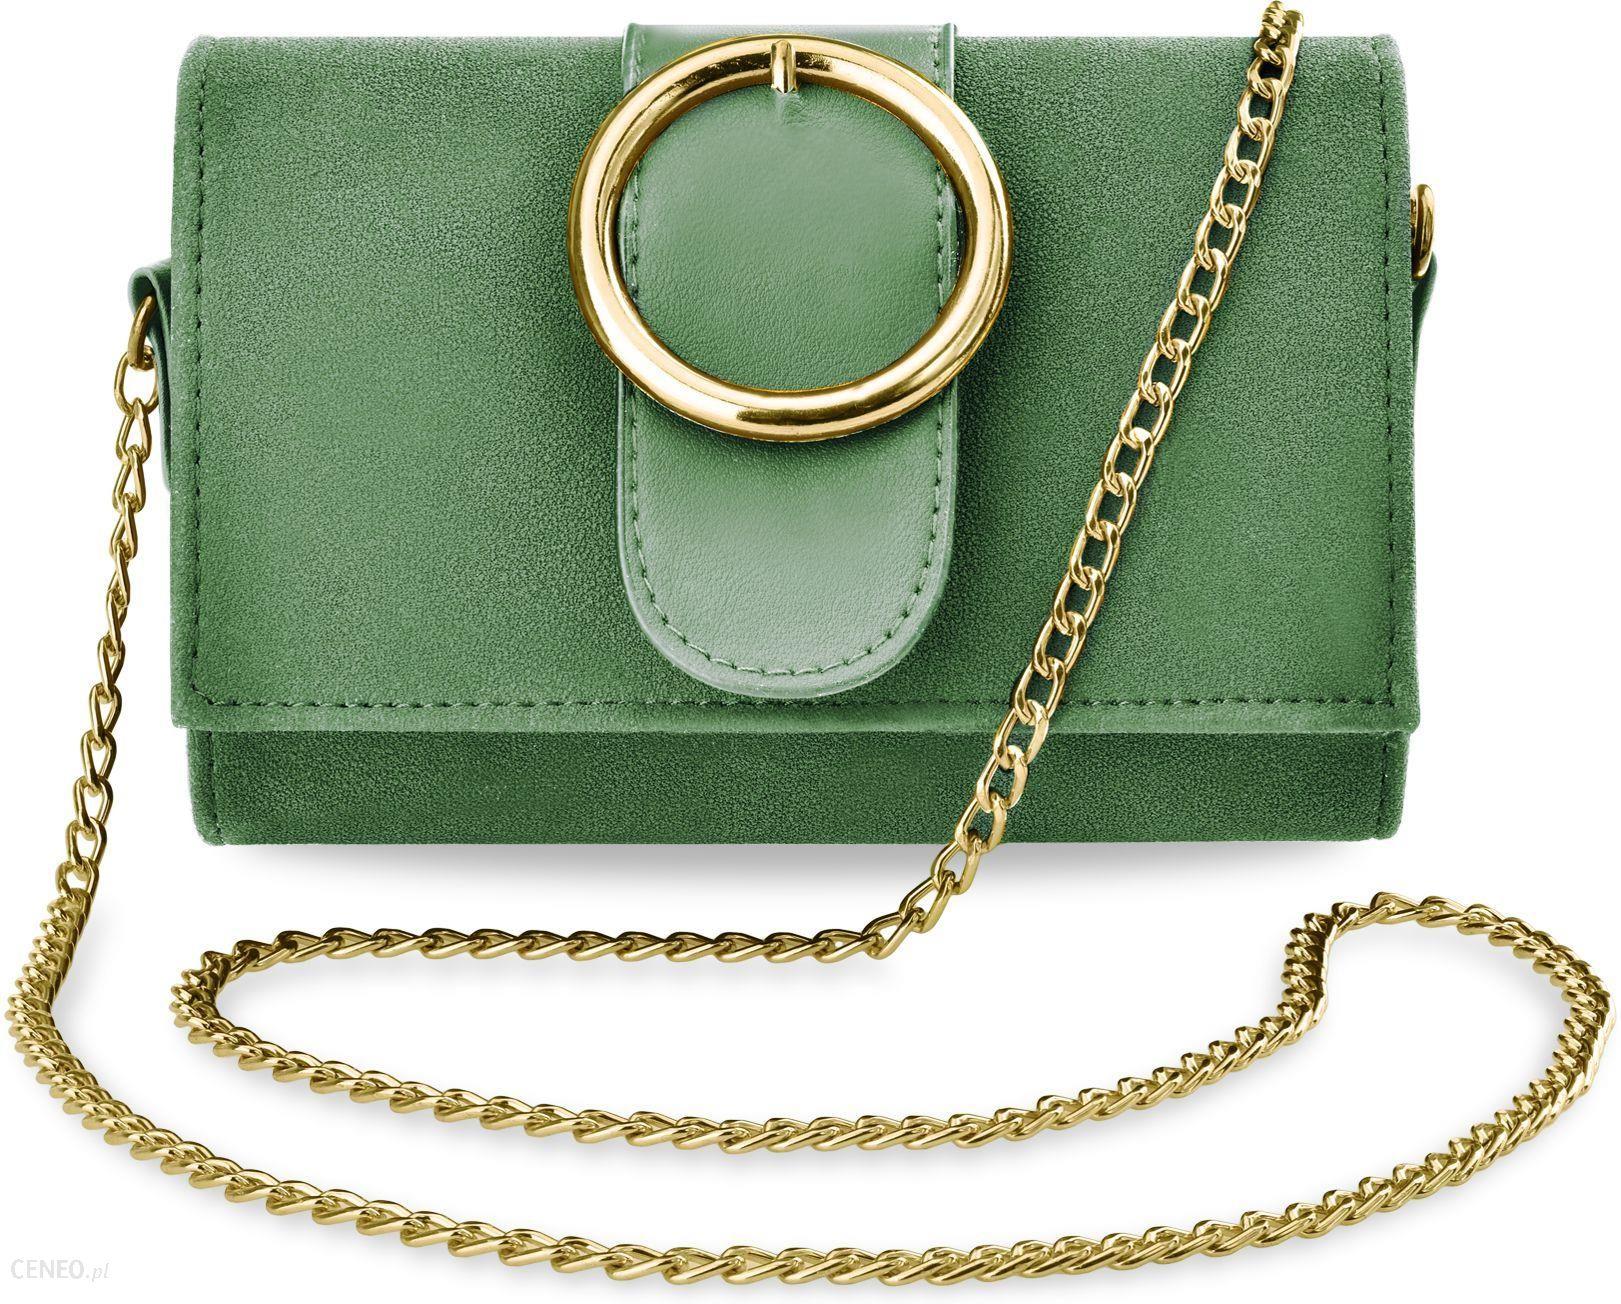 46d96cf3b14d9 Elegancka listonoszka z klapą torebka damska kopertówka na łańcuszku z  klamrą nubuk - zielony - zdjęcie